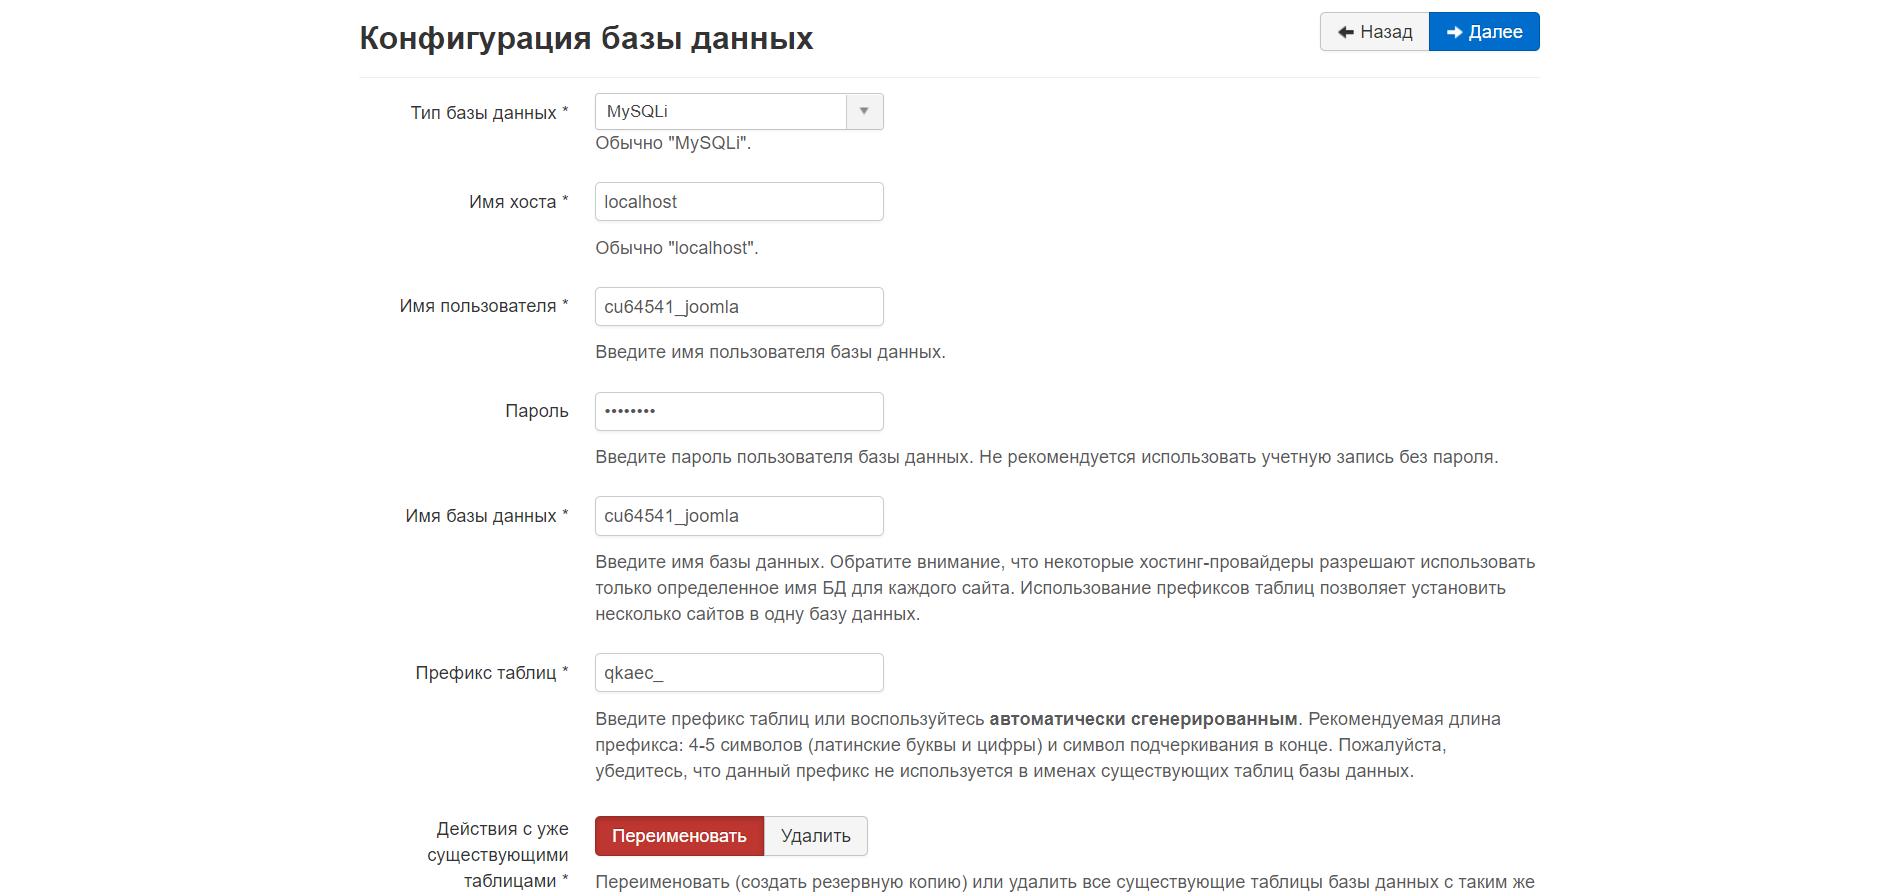 Как правильно заполнить данные о базе данных в Joomla